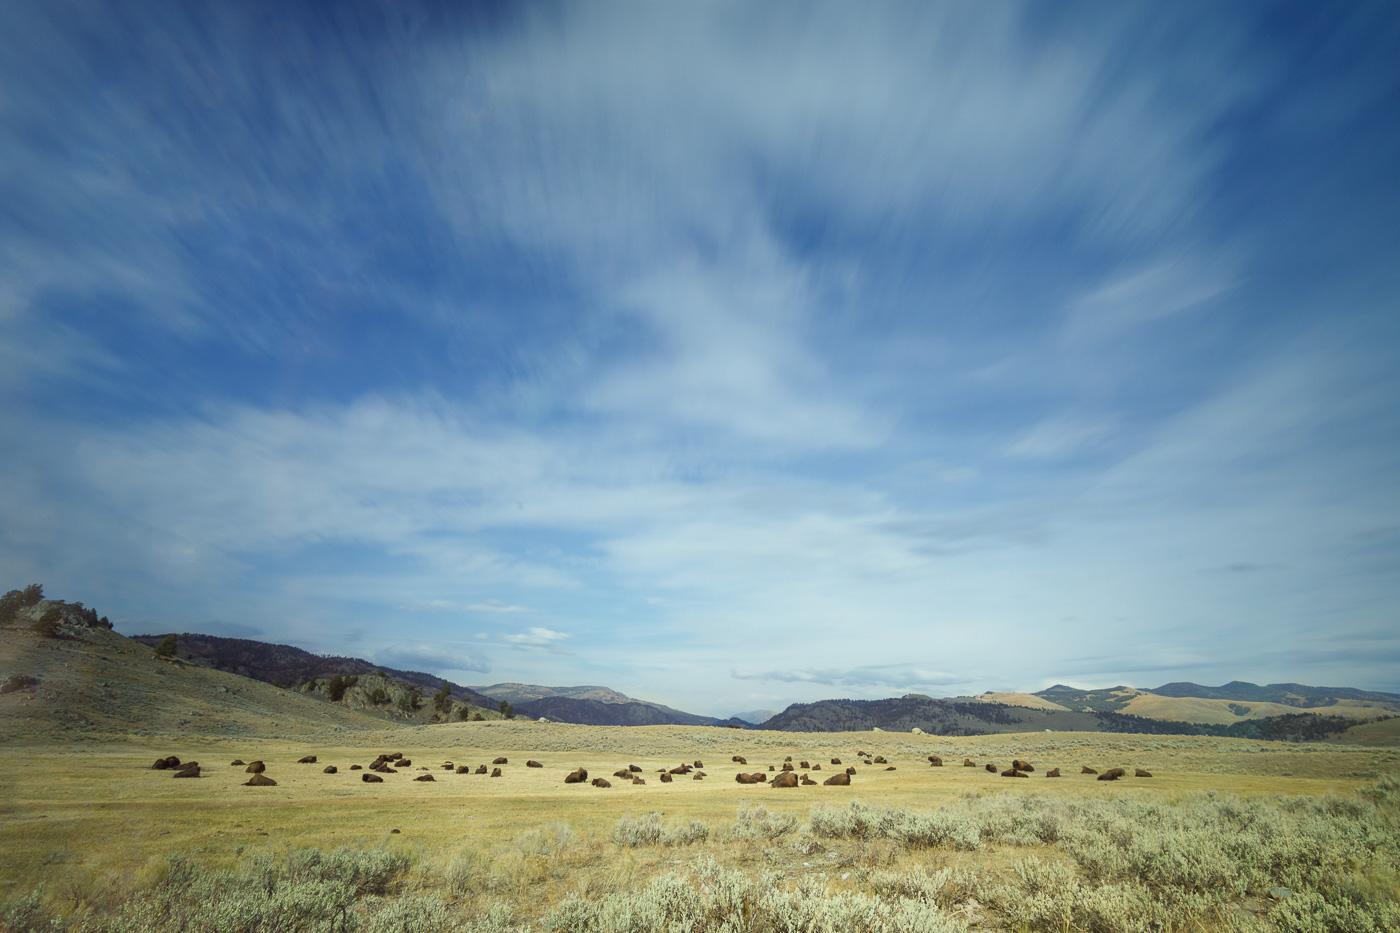 Herd of bison getting rest - Paisatges de Nord-Amèrica - Raül Carmona - Fotografia, Fotografia d'estudi, esdeveniments i Natura